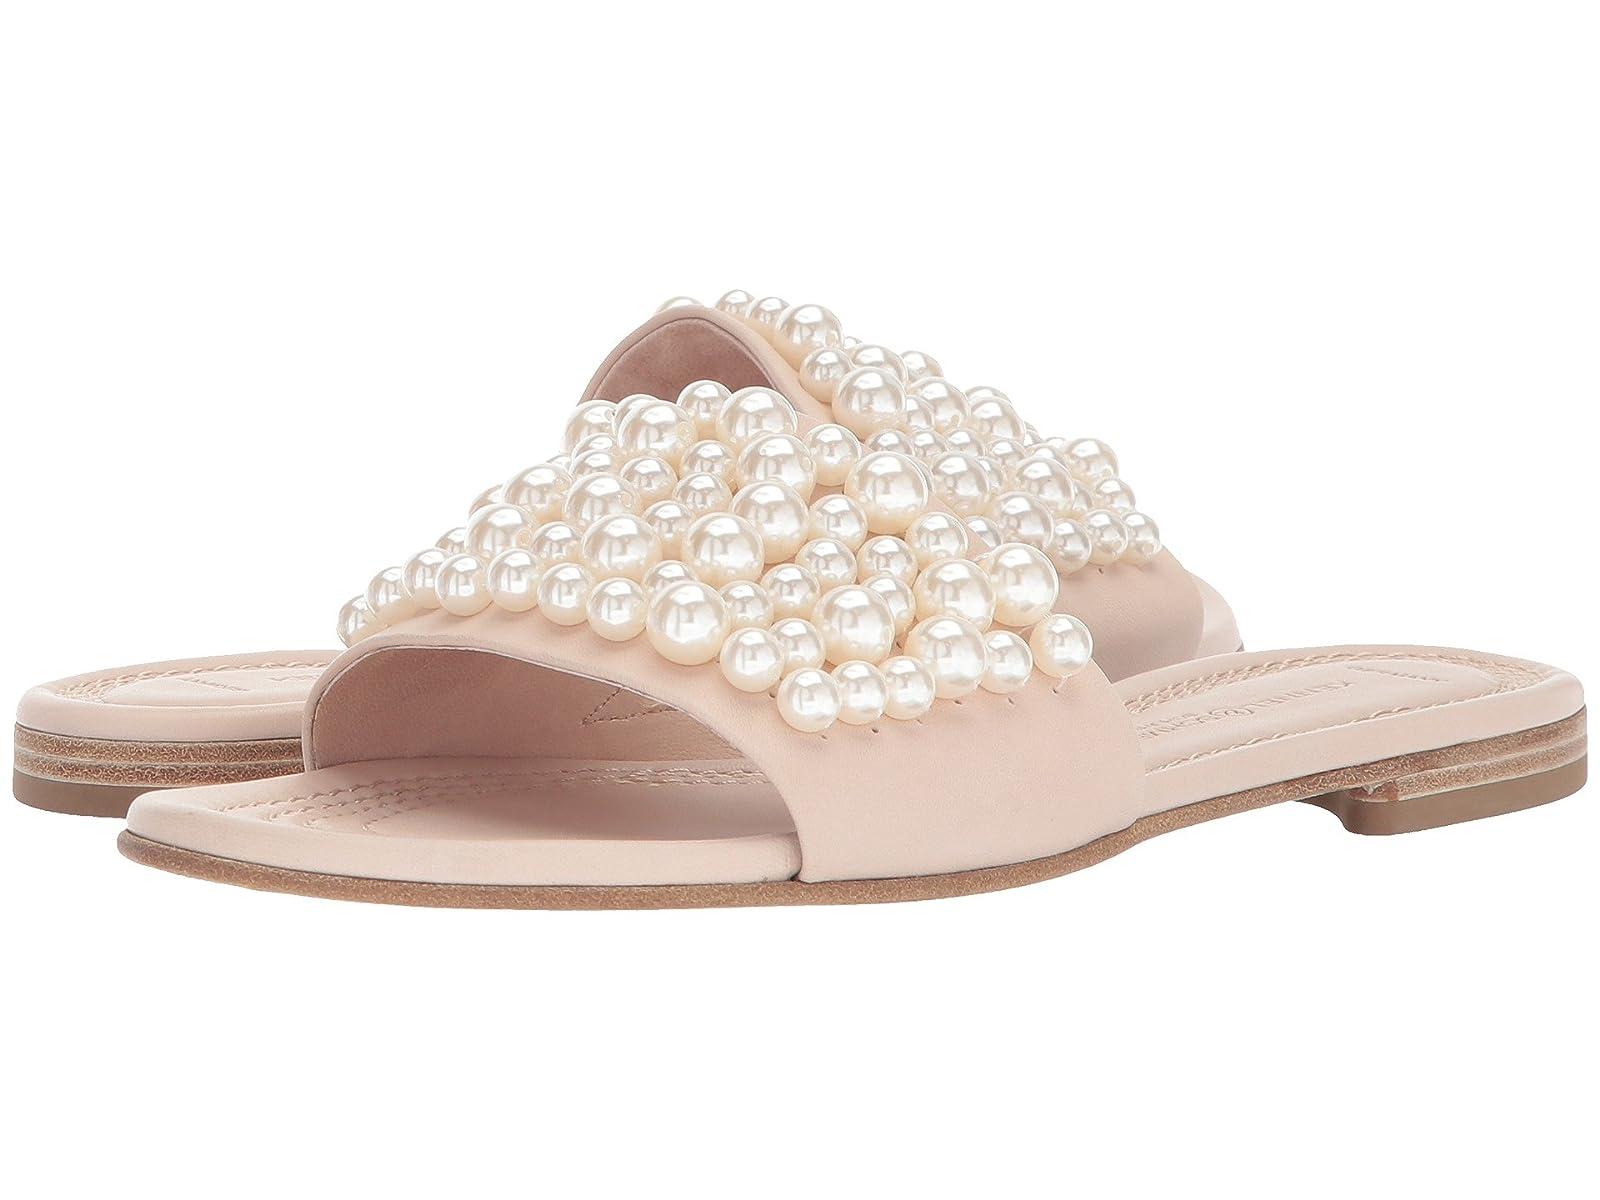 Kennel & Schmenger Elle Pearl SlideAtmospheric grades have affordable shoes